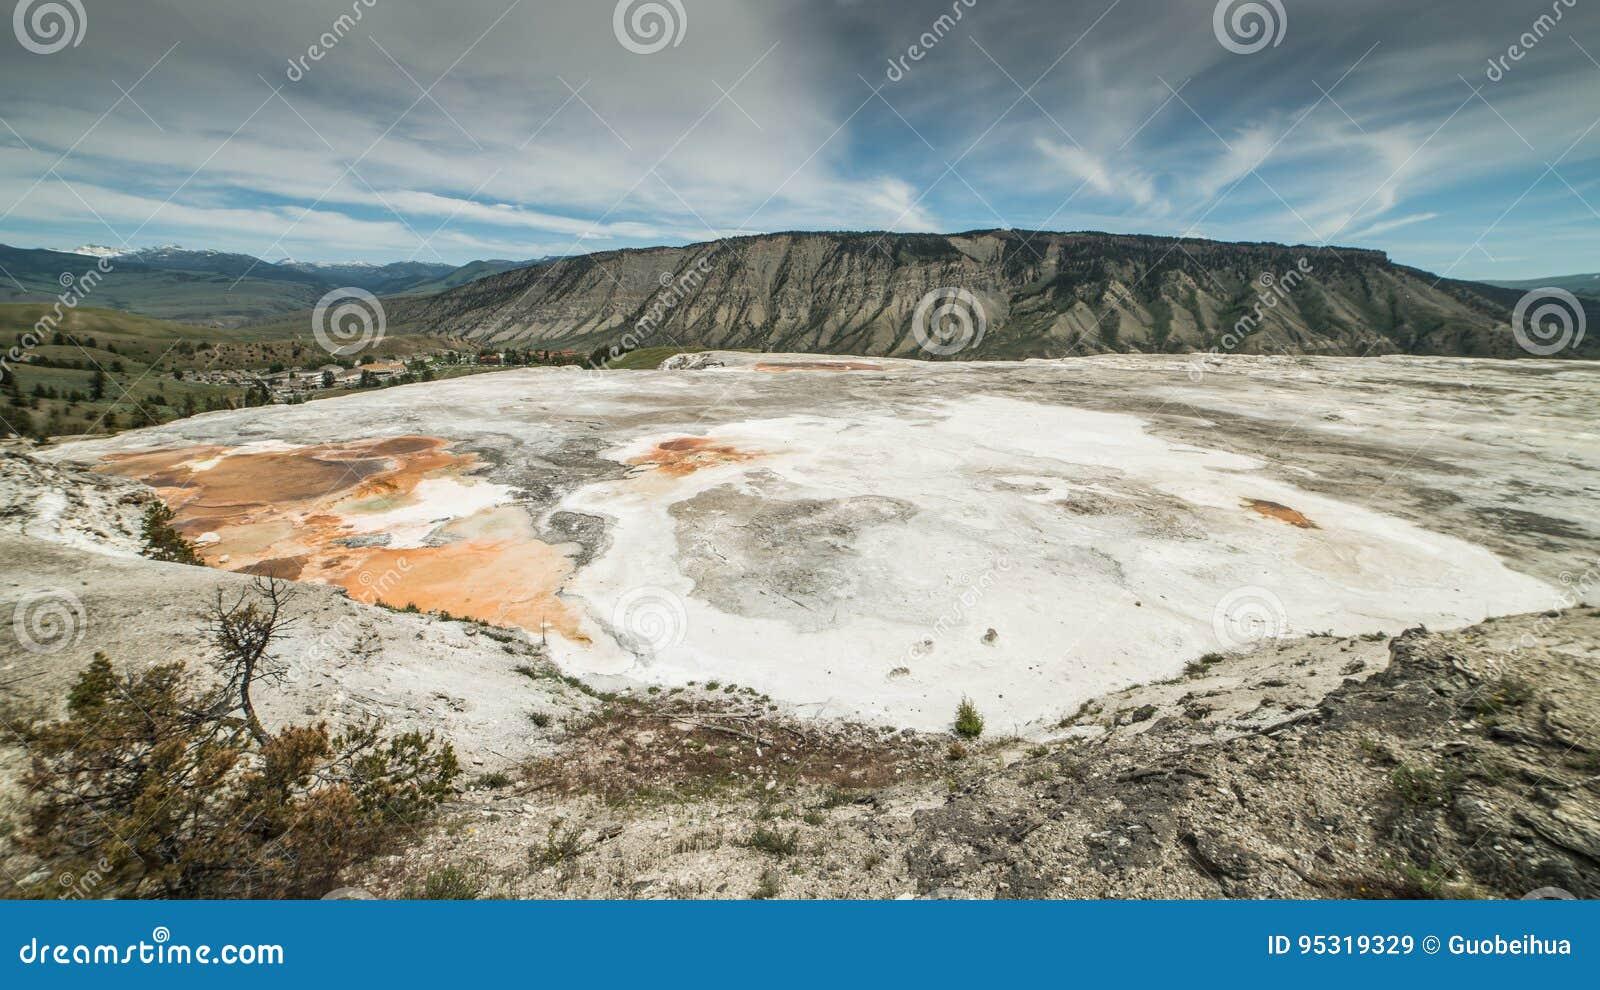 Panorama di area più bassa dei terrazzi vicino parco nazionale a Mammoth Hot Springs, Yellowstone, Wyoming